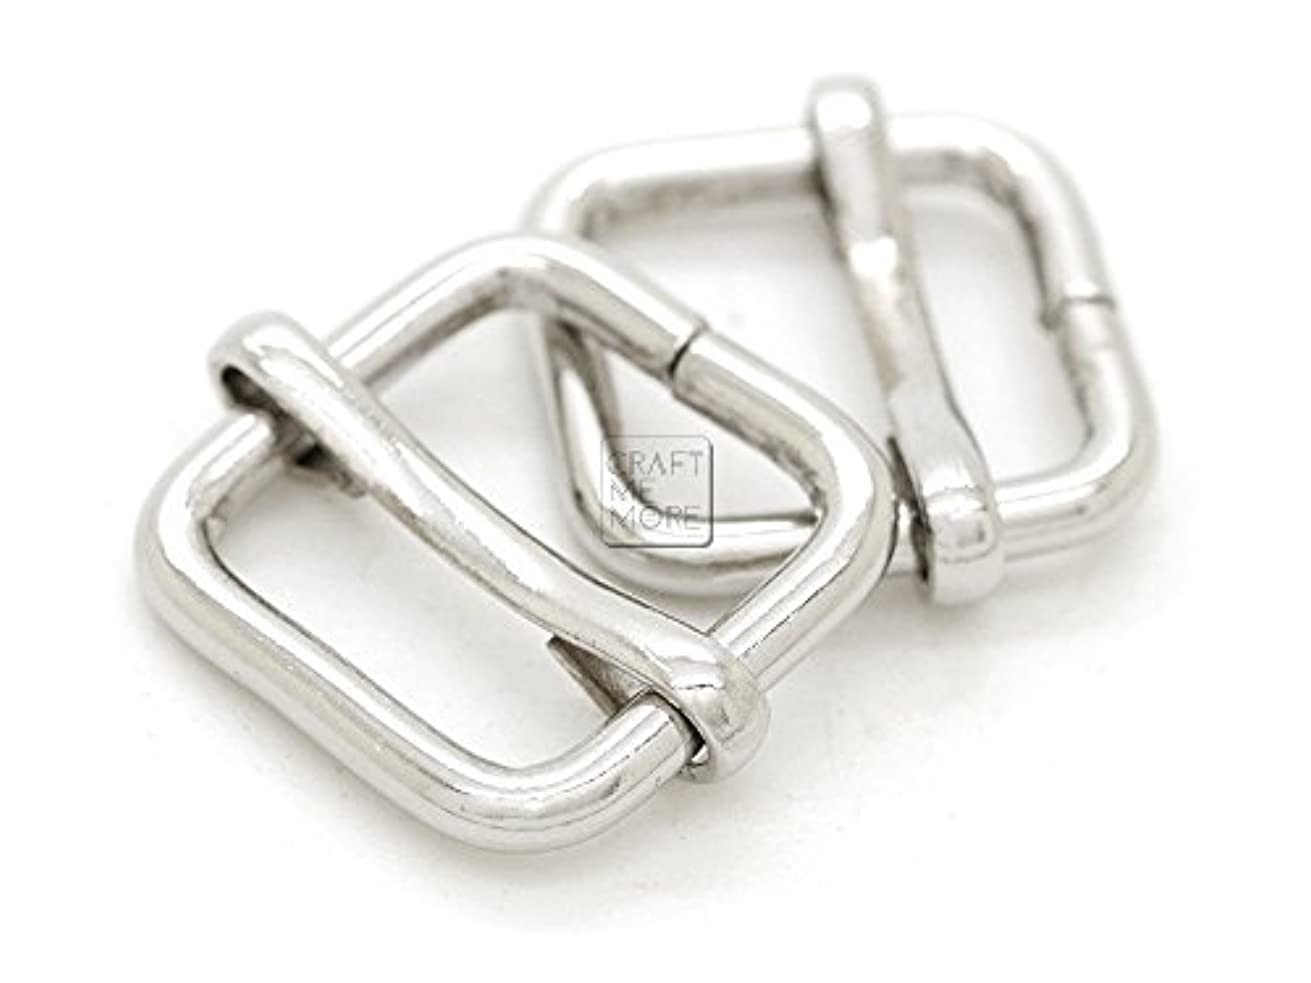 CRAFTMEmore Movable Bar Slide Strap Adjuster Rectangle Strap Keeper Triglide Belt Keeper Purse Making 5/8